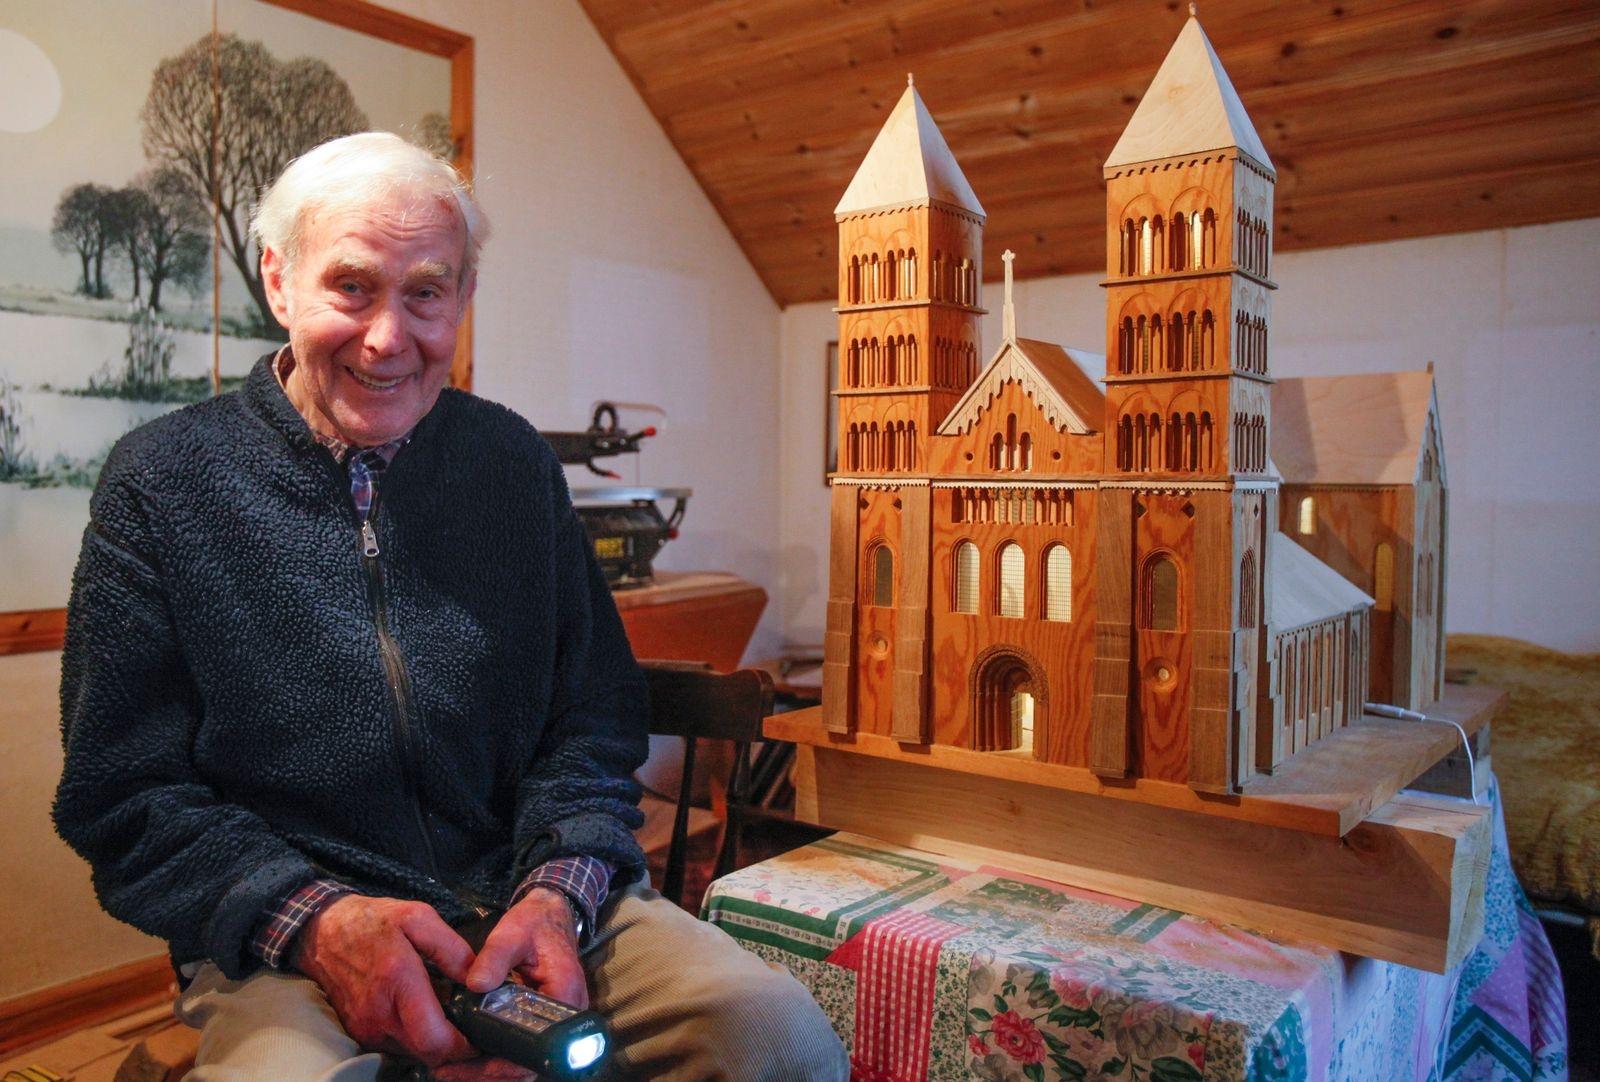 I mitten av mars, efter 10 års byggande och tre försök, stod den äntligen klar. Pelle Henrikssons replika av Lunds domkyrka. Den tidigare lantbrukaren i Gnalöv har fascinerats av domkyrkan sedan barnsben och hoppas att hans modell i olika träslag ska få en plats där.